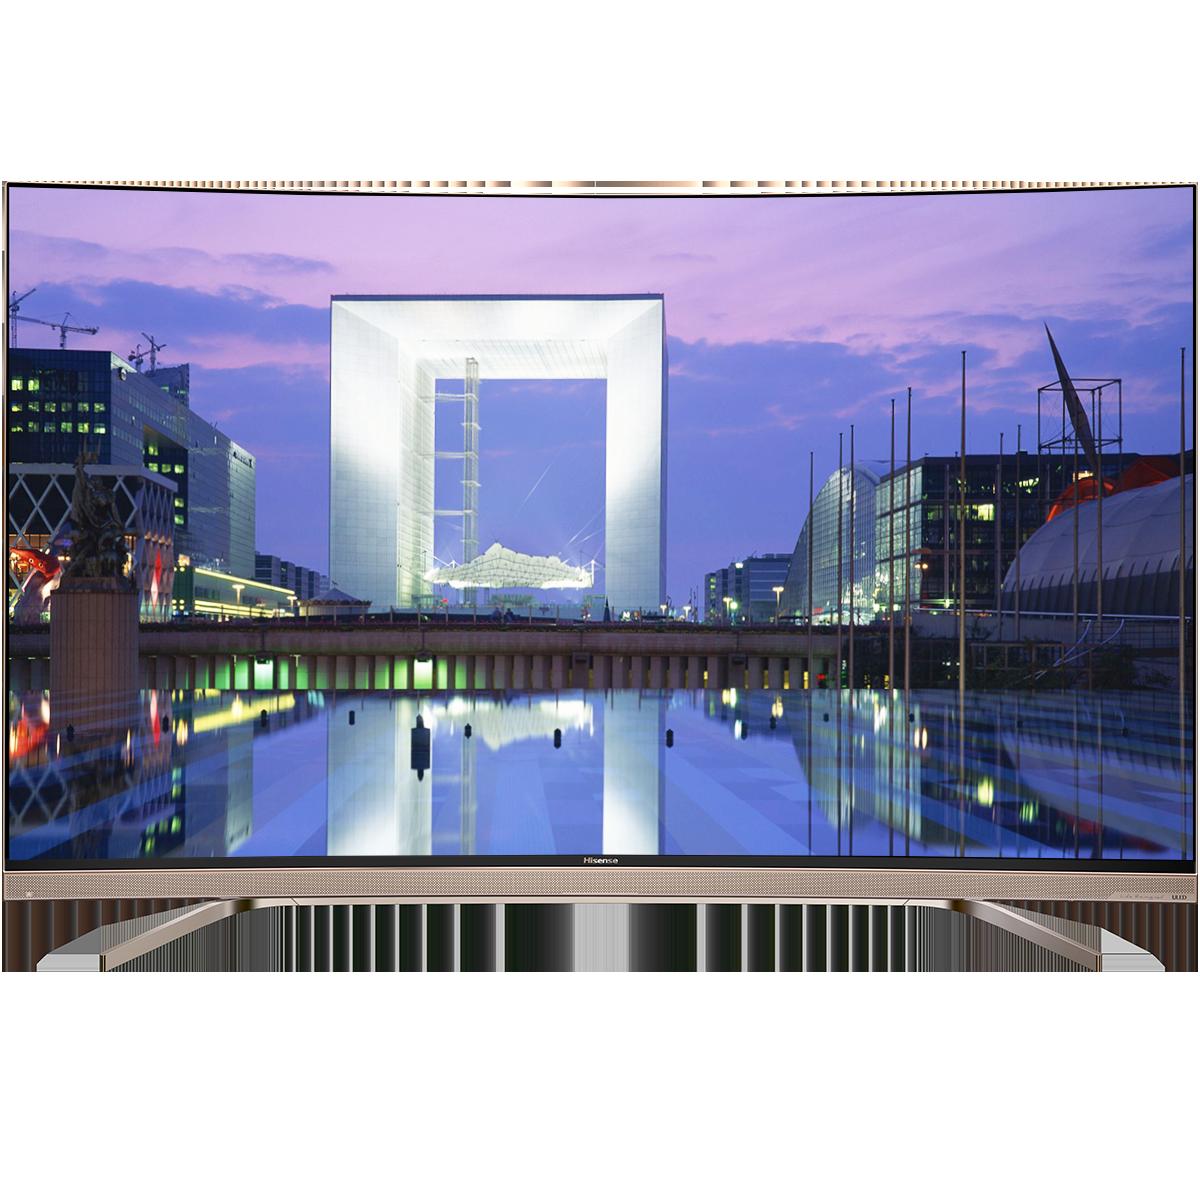 海信电视MU8600UC系列通过U盘安装应用市场